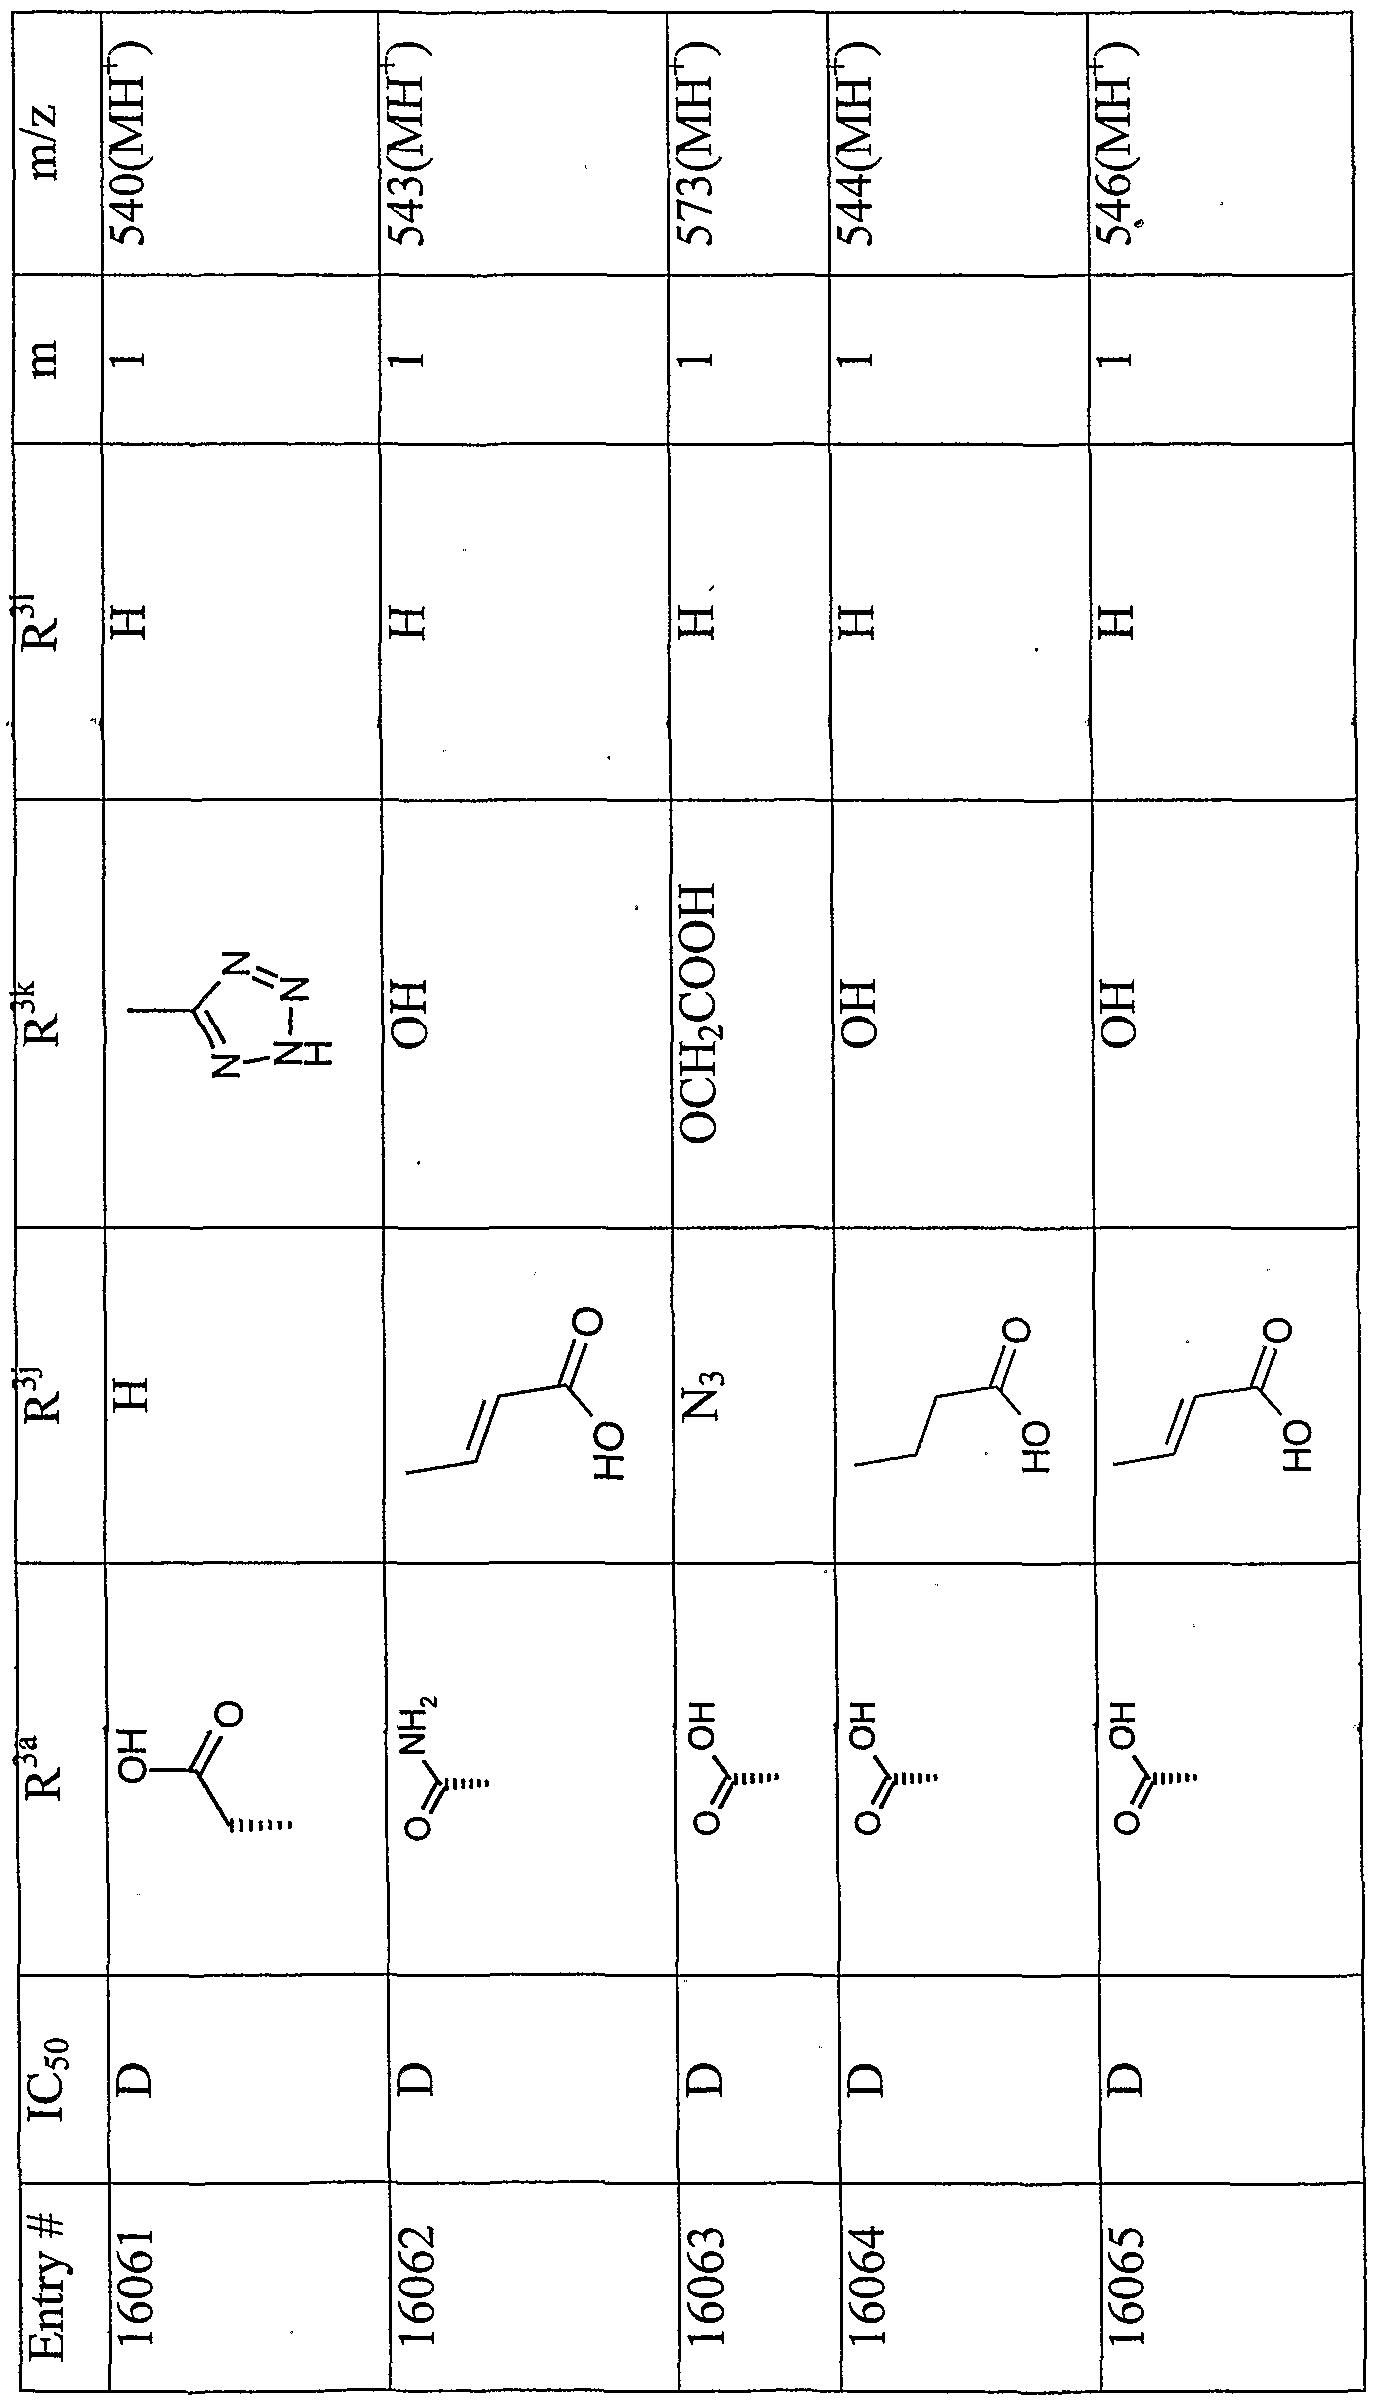 Figure imgf000253_0001